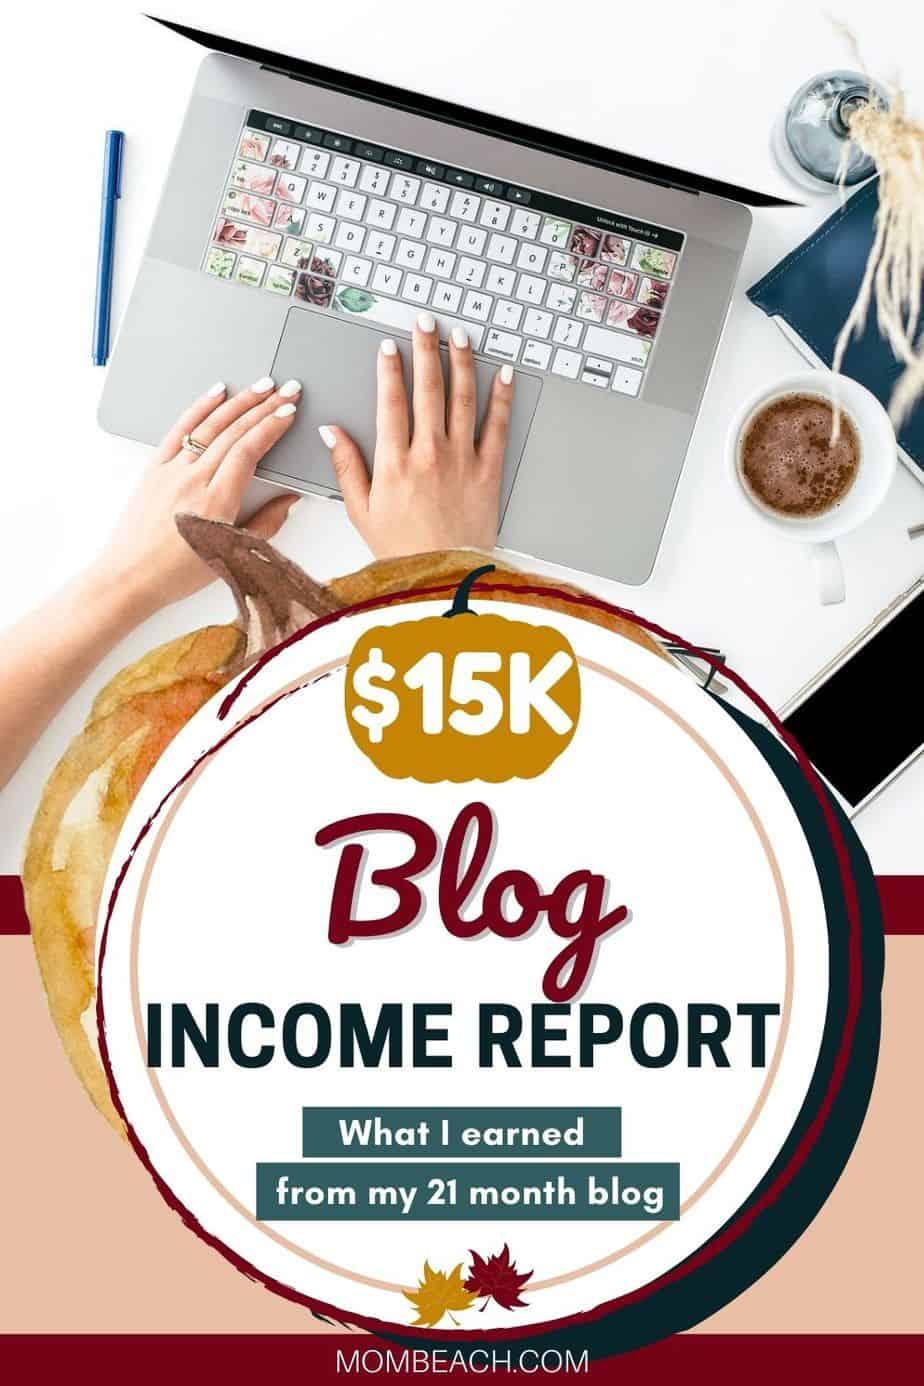 Consulte el informe de ingresos de mi blog de agosto de 2020. Esto es lo que gané en mi vigésimo primer mes como blog. ¿Mi blog todavía puede beber? ¡Solo jugando! ¡ME REÍ MUCHO! Me encanta ayudar a los blogueros novatos, así que echa un vistazo a mis consejos y trucos para crear tu propio blog. También puedes ser un bloguero exitoso. Se necesita tiempo para aprender. #blogincomereport #blogging #momblog #bloggingforbeginners # blogging101